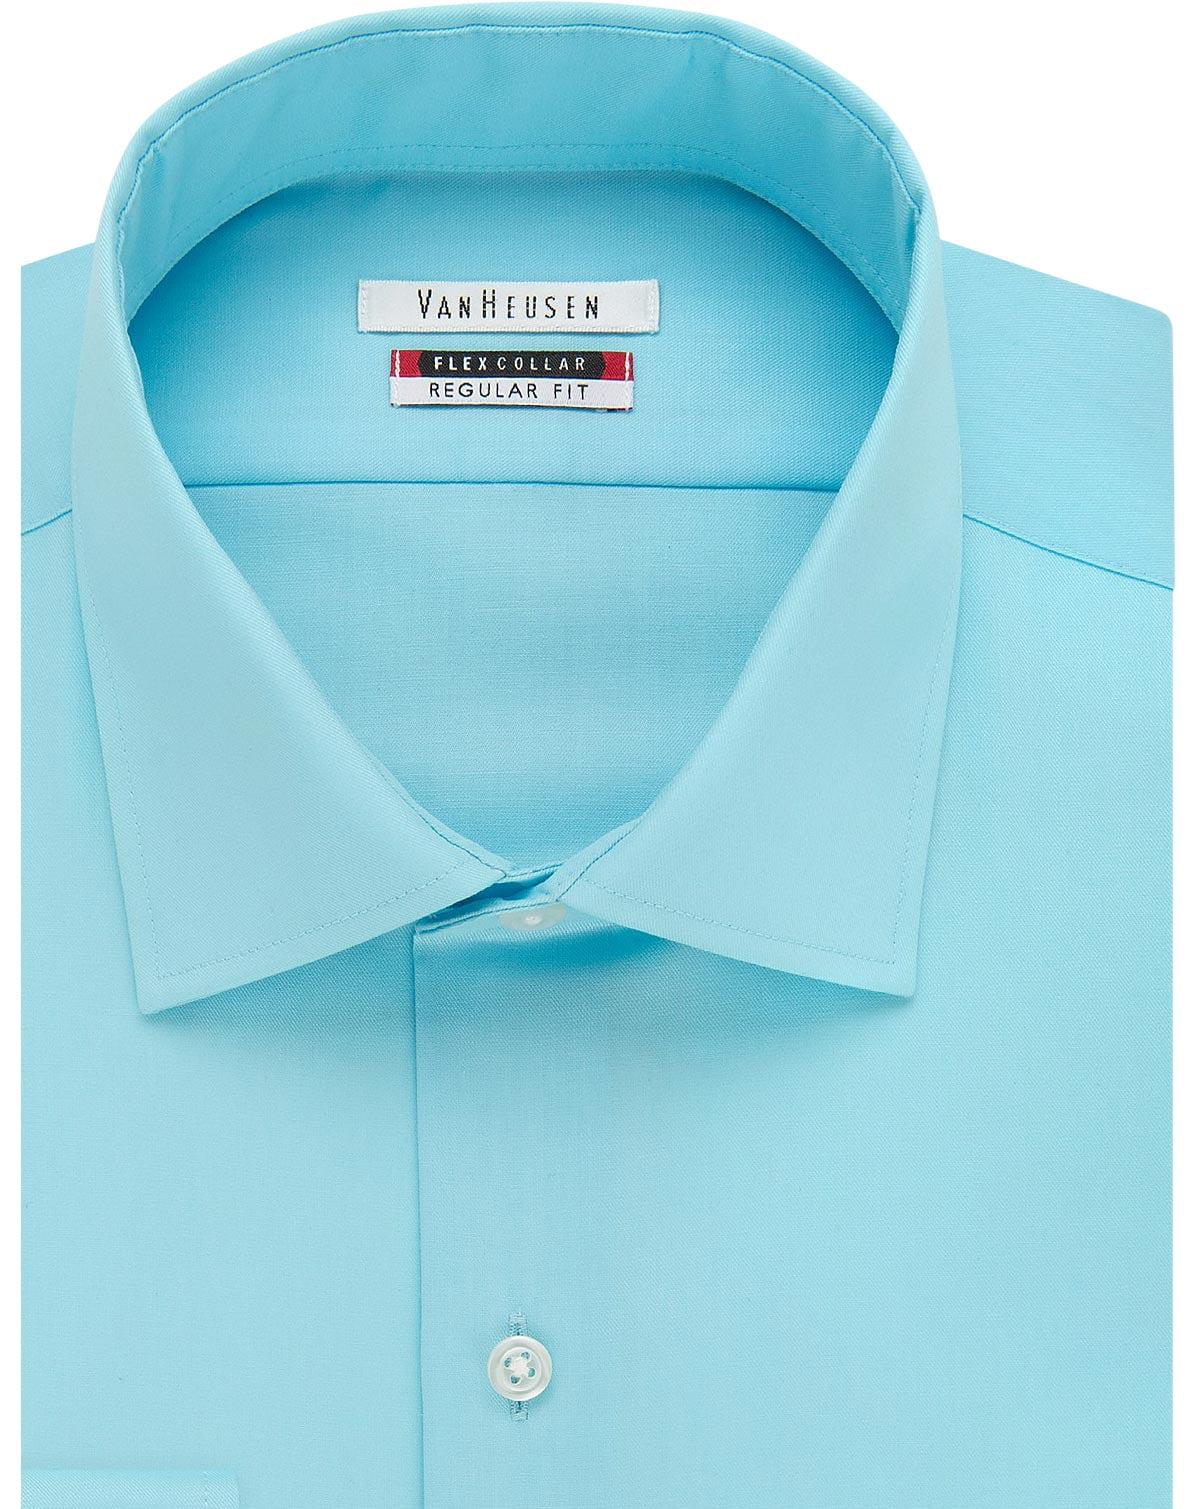 Van Heusen Regular Fit Flex Collar Dress Shirt Lapis Blue 17 36/37 ...